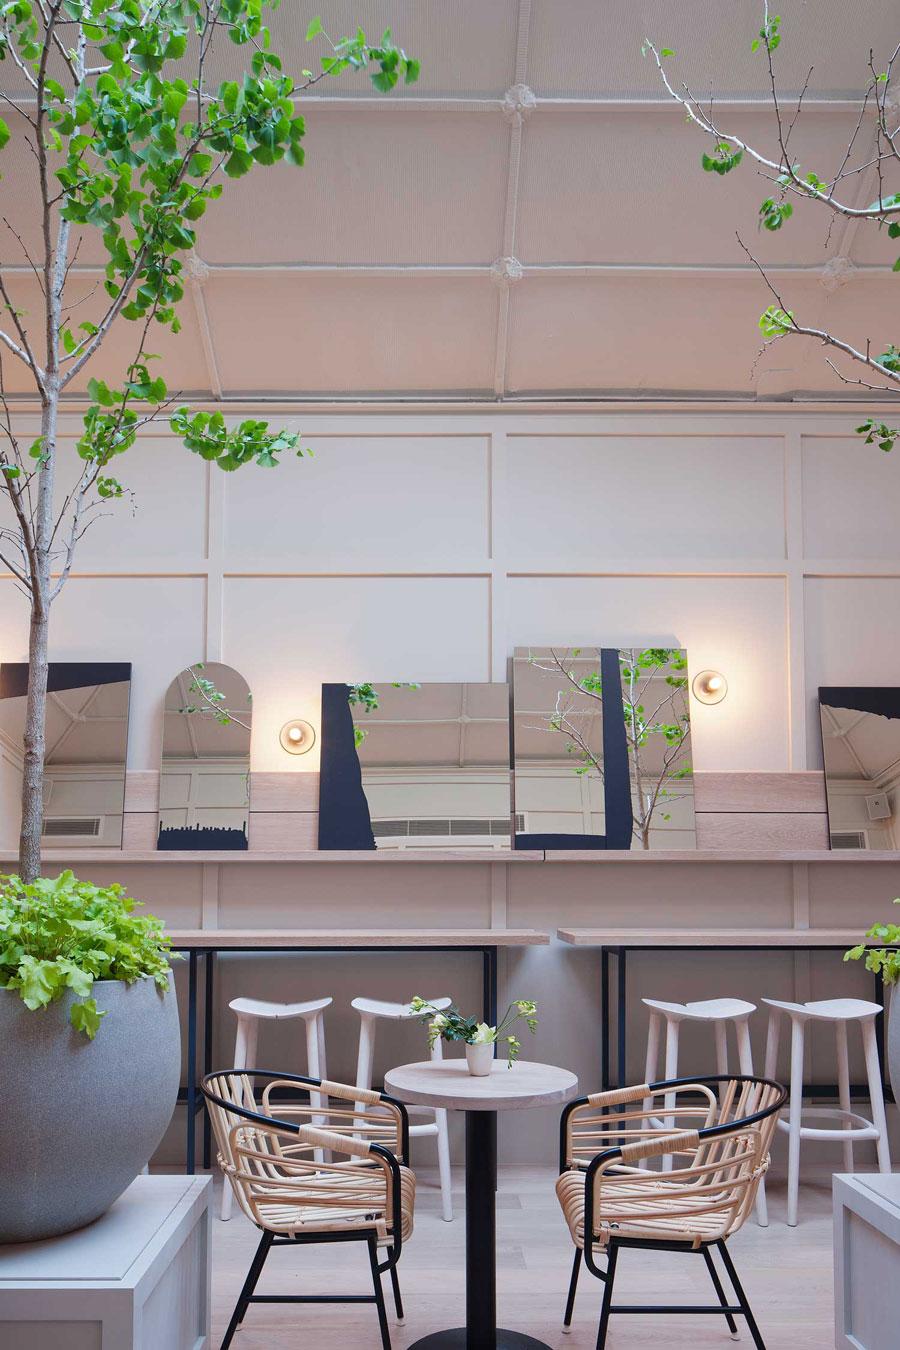 thiết kế quán trà sữa nhỏ đẹp lung linh ảnh 2